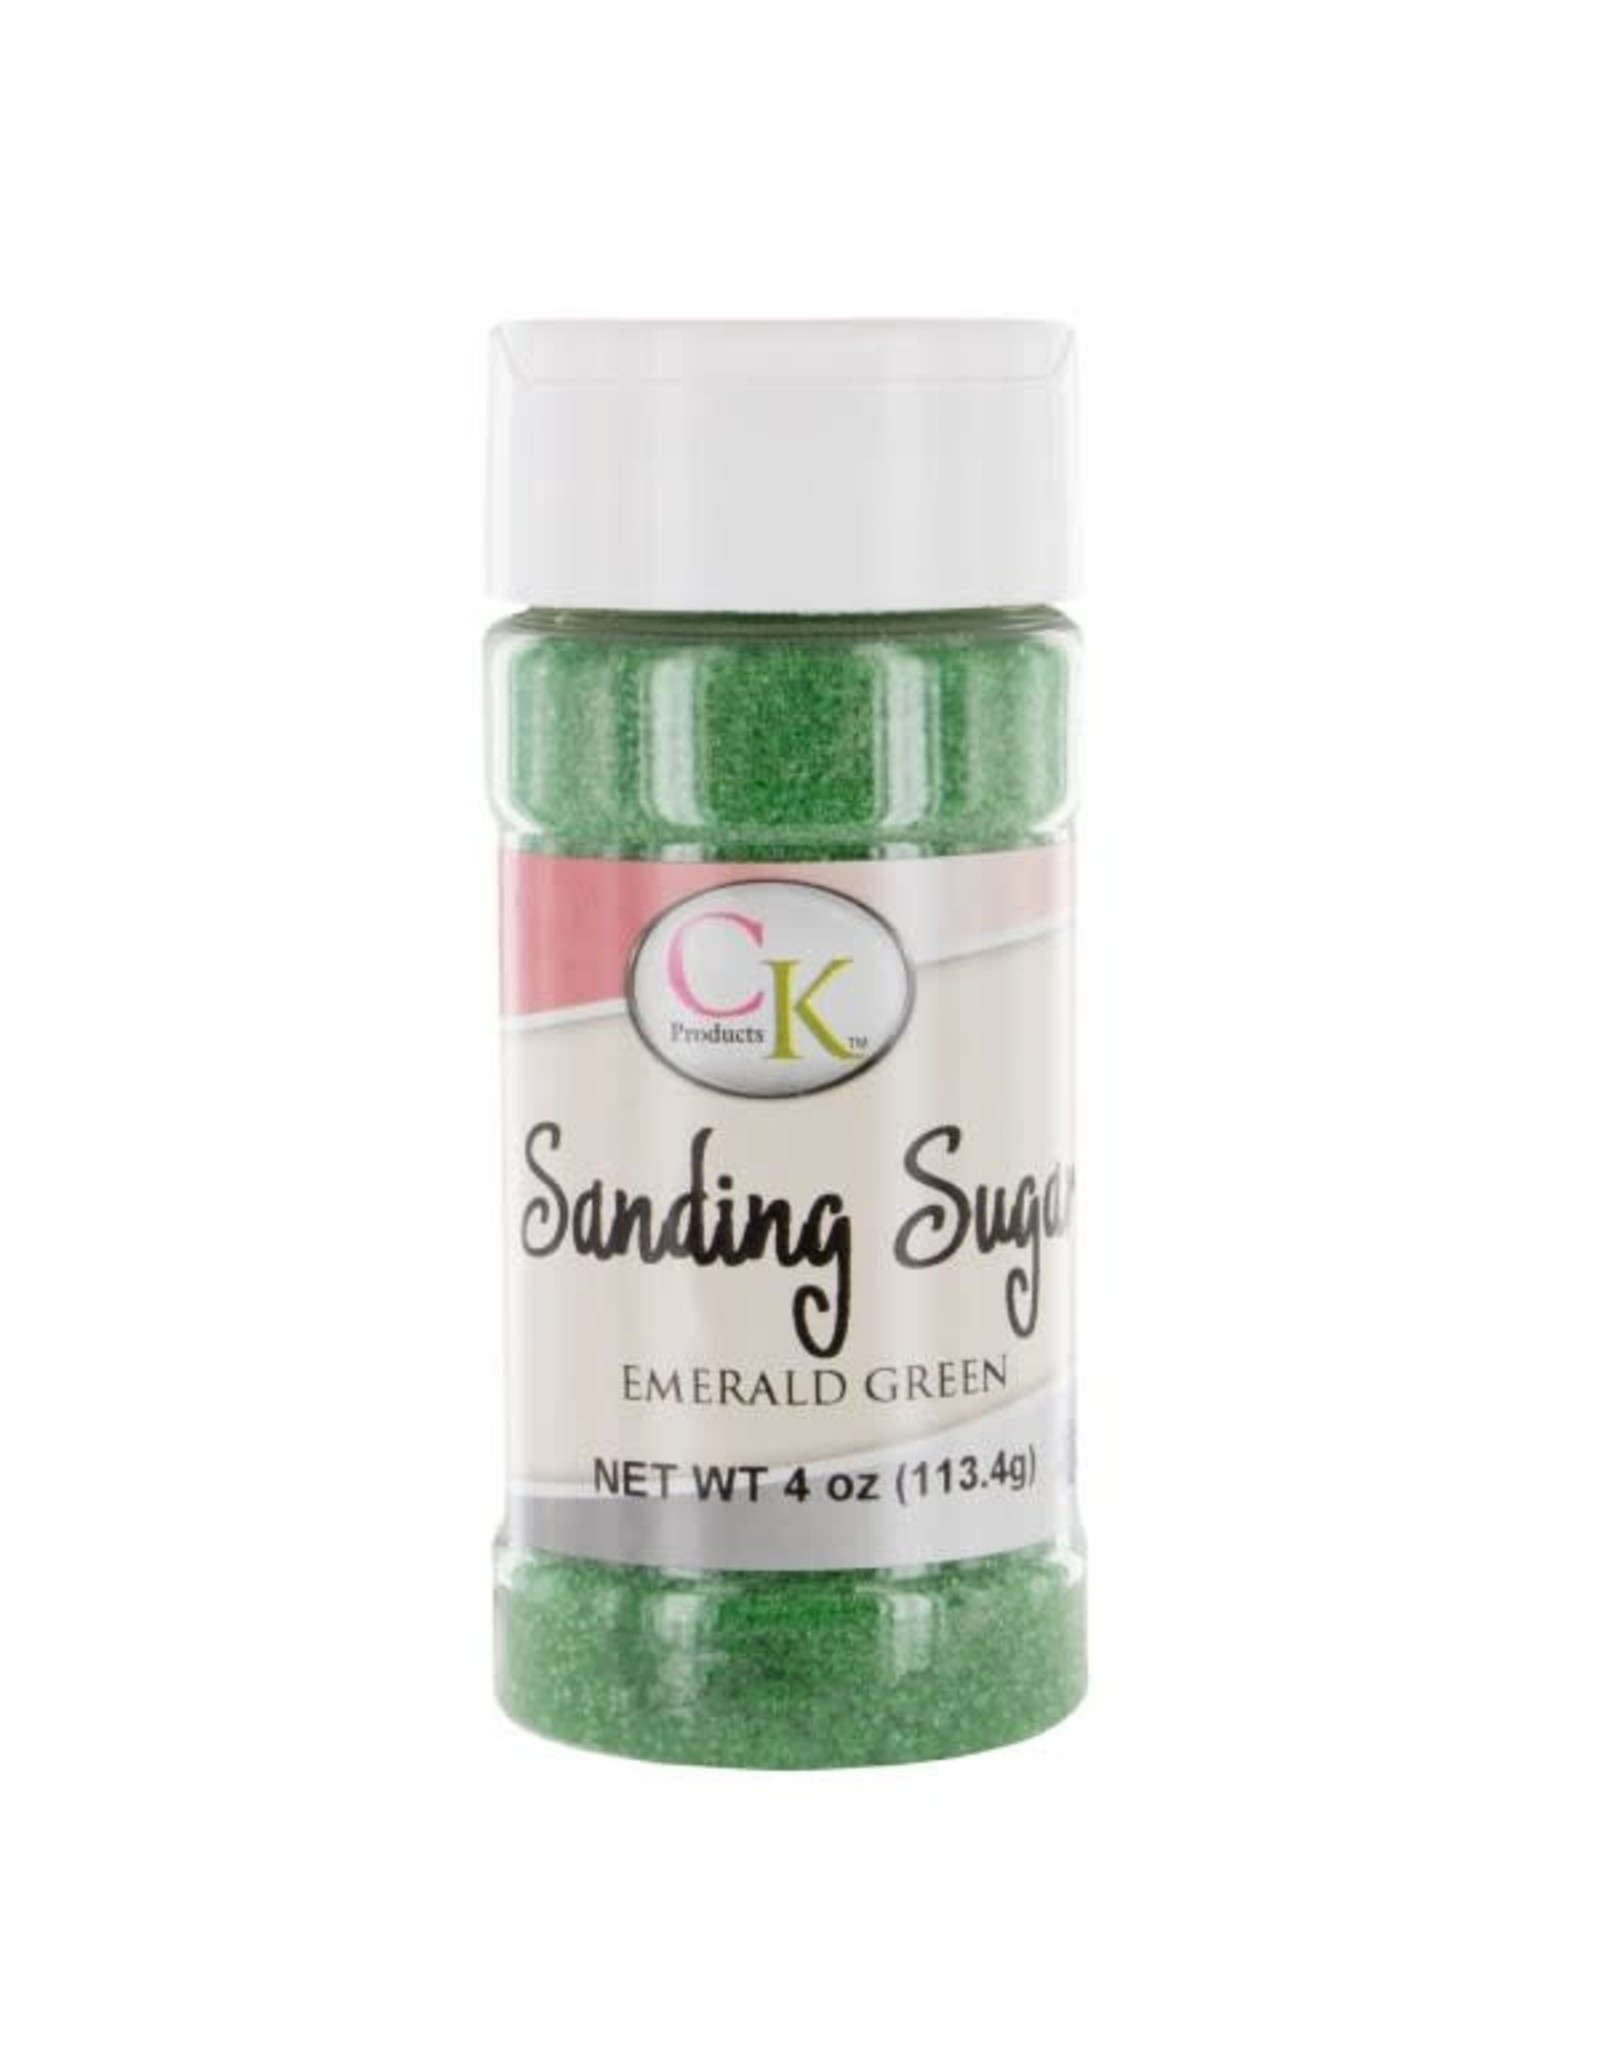 CK Emerald Green Sanding Sugar